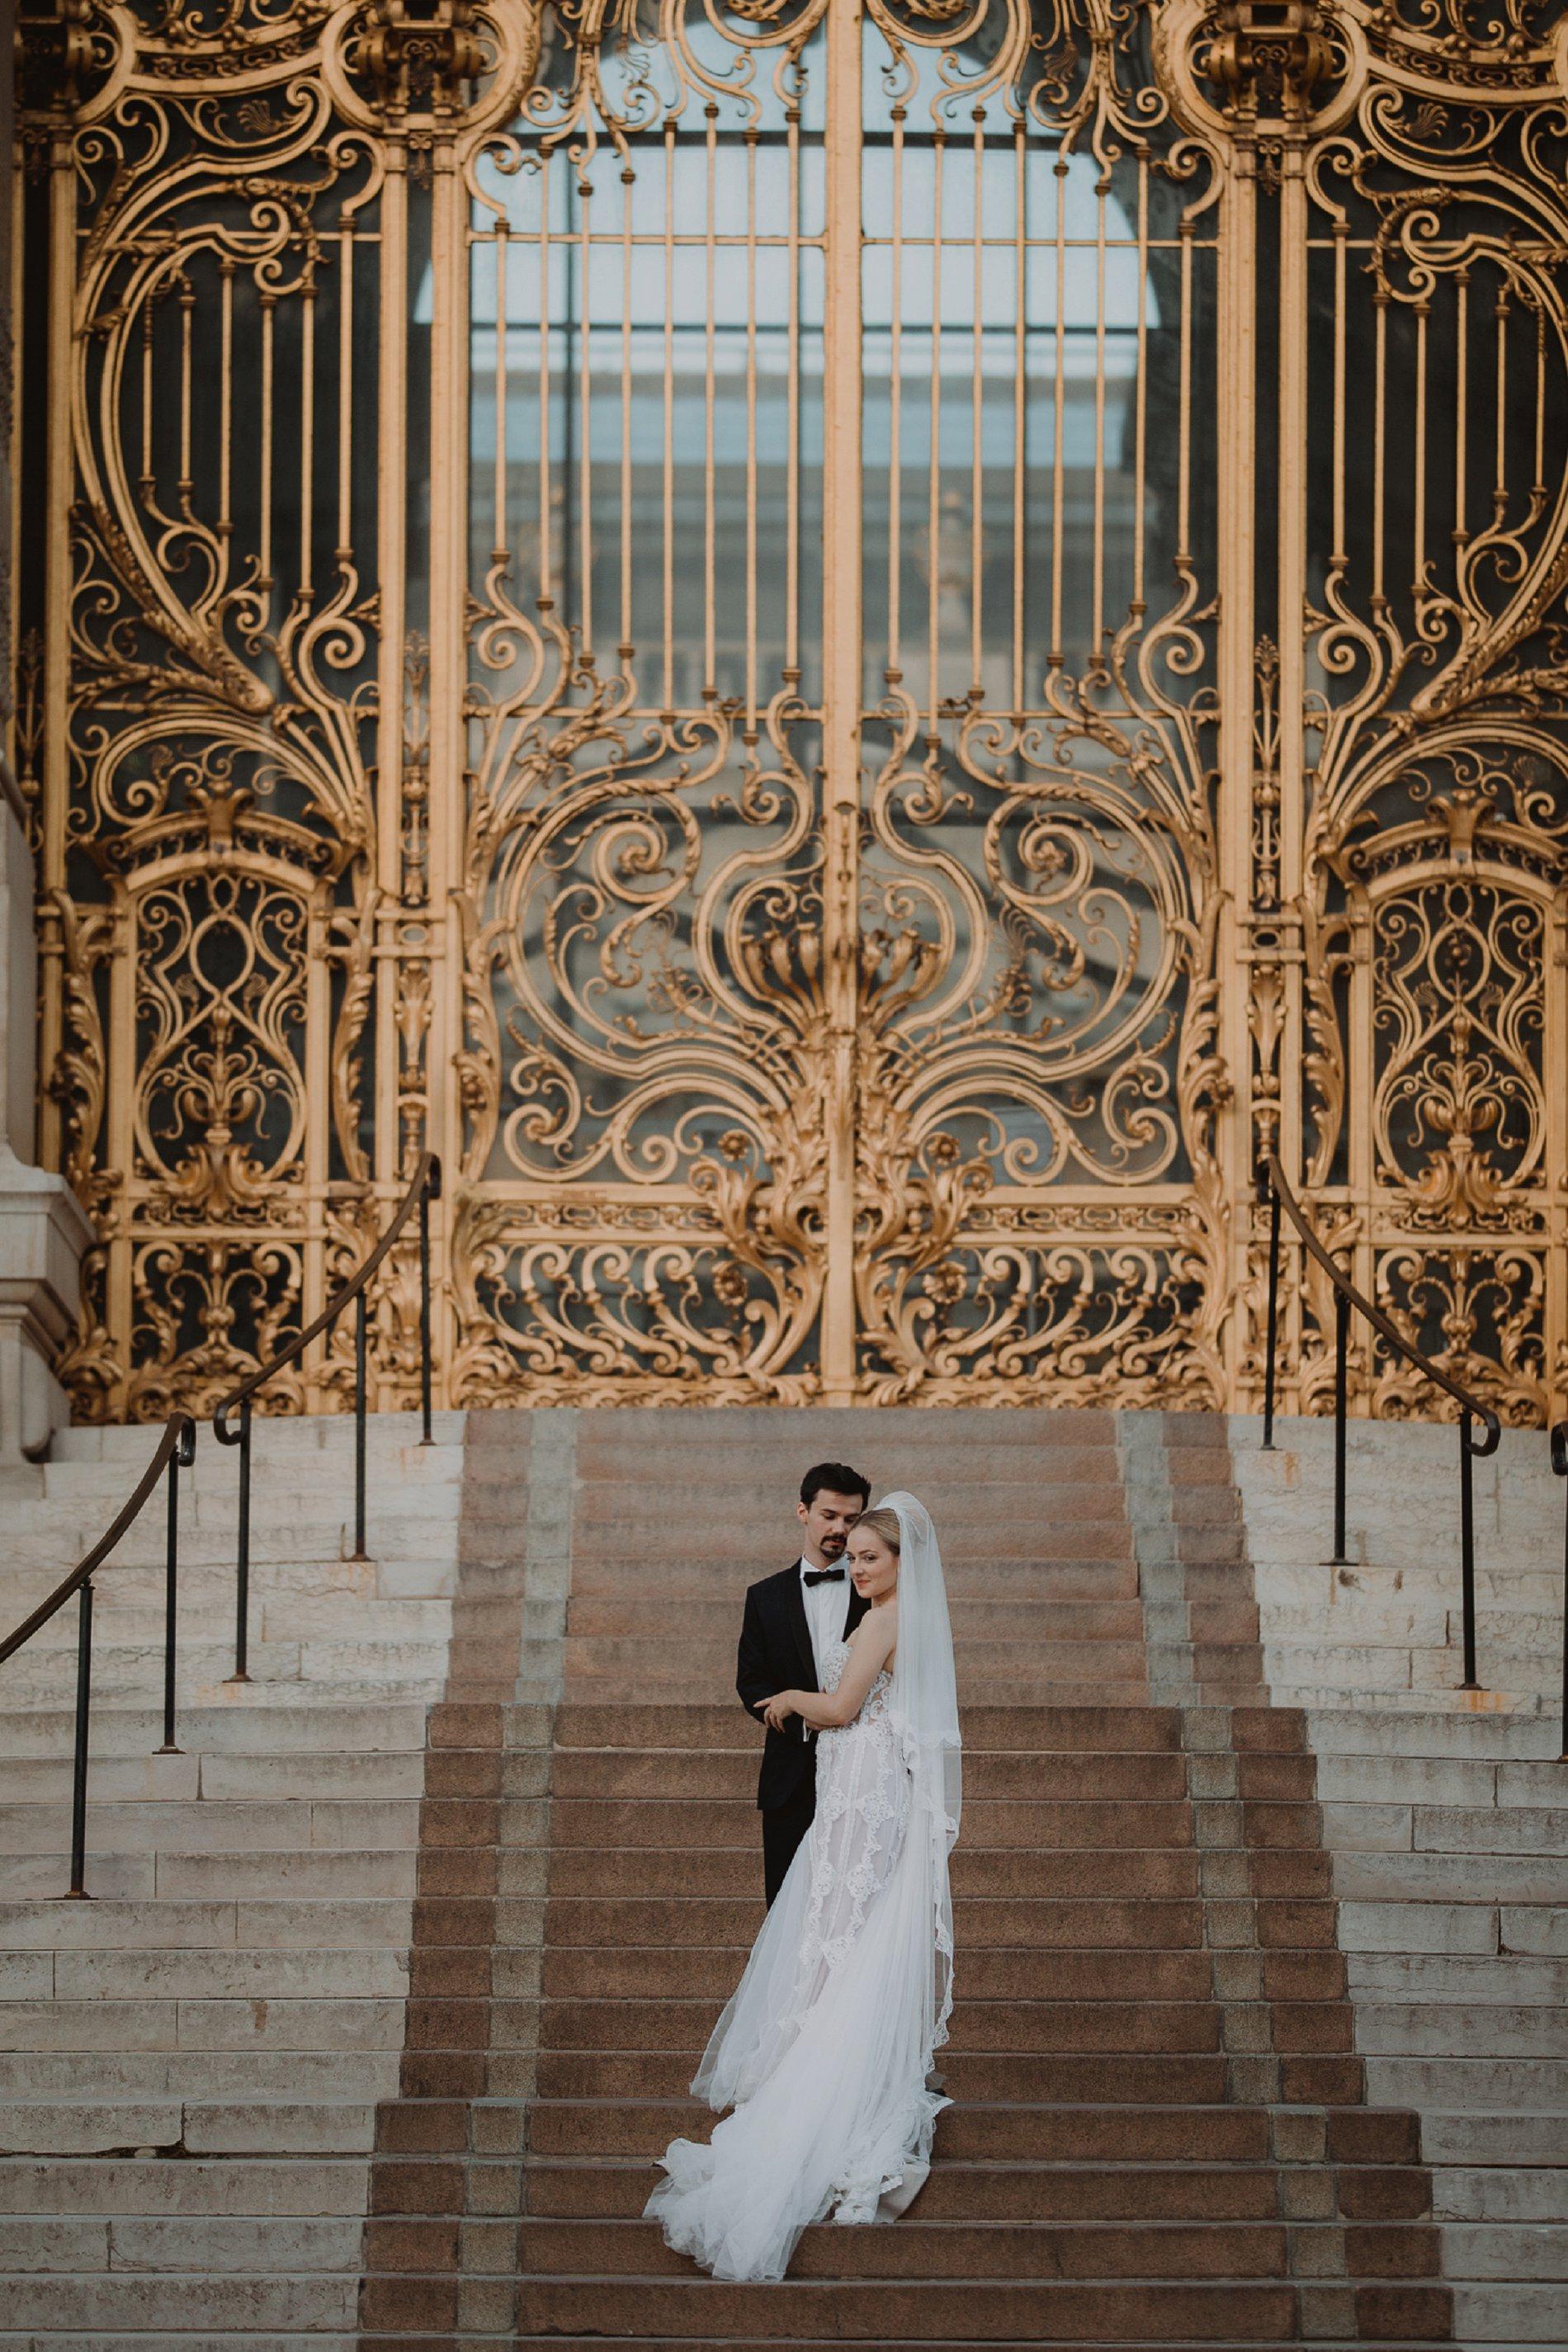 Miss He Bridal Romantic Paris Elopement (c) Xanthe Rowland Photography (44)